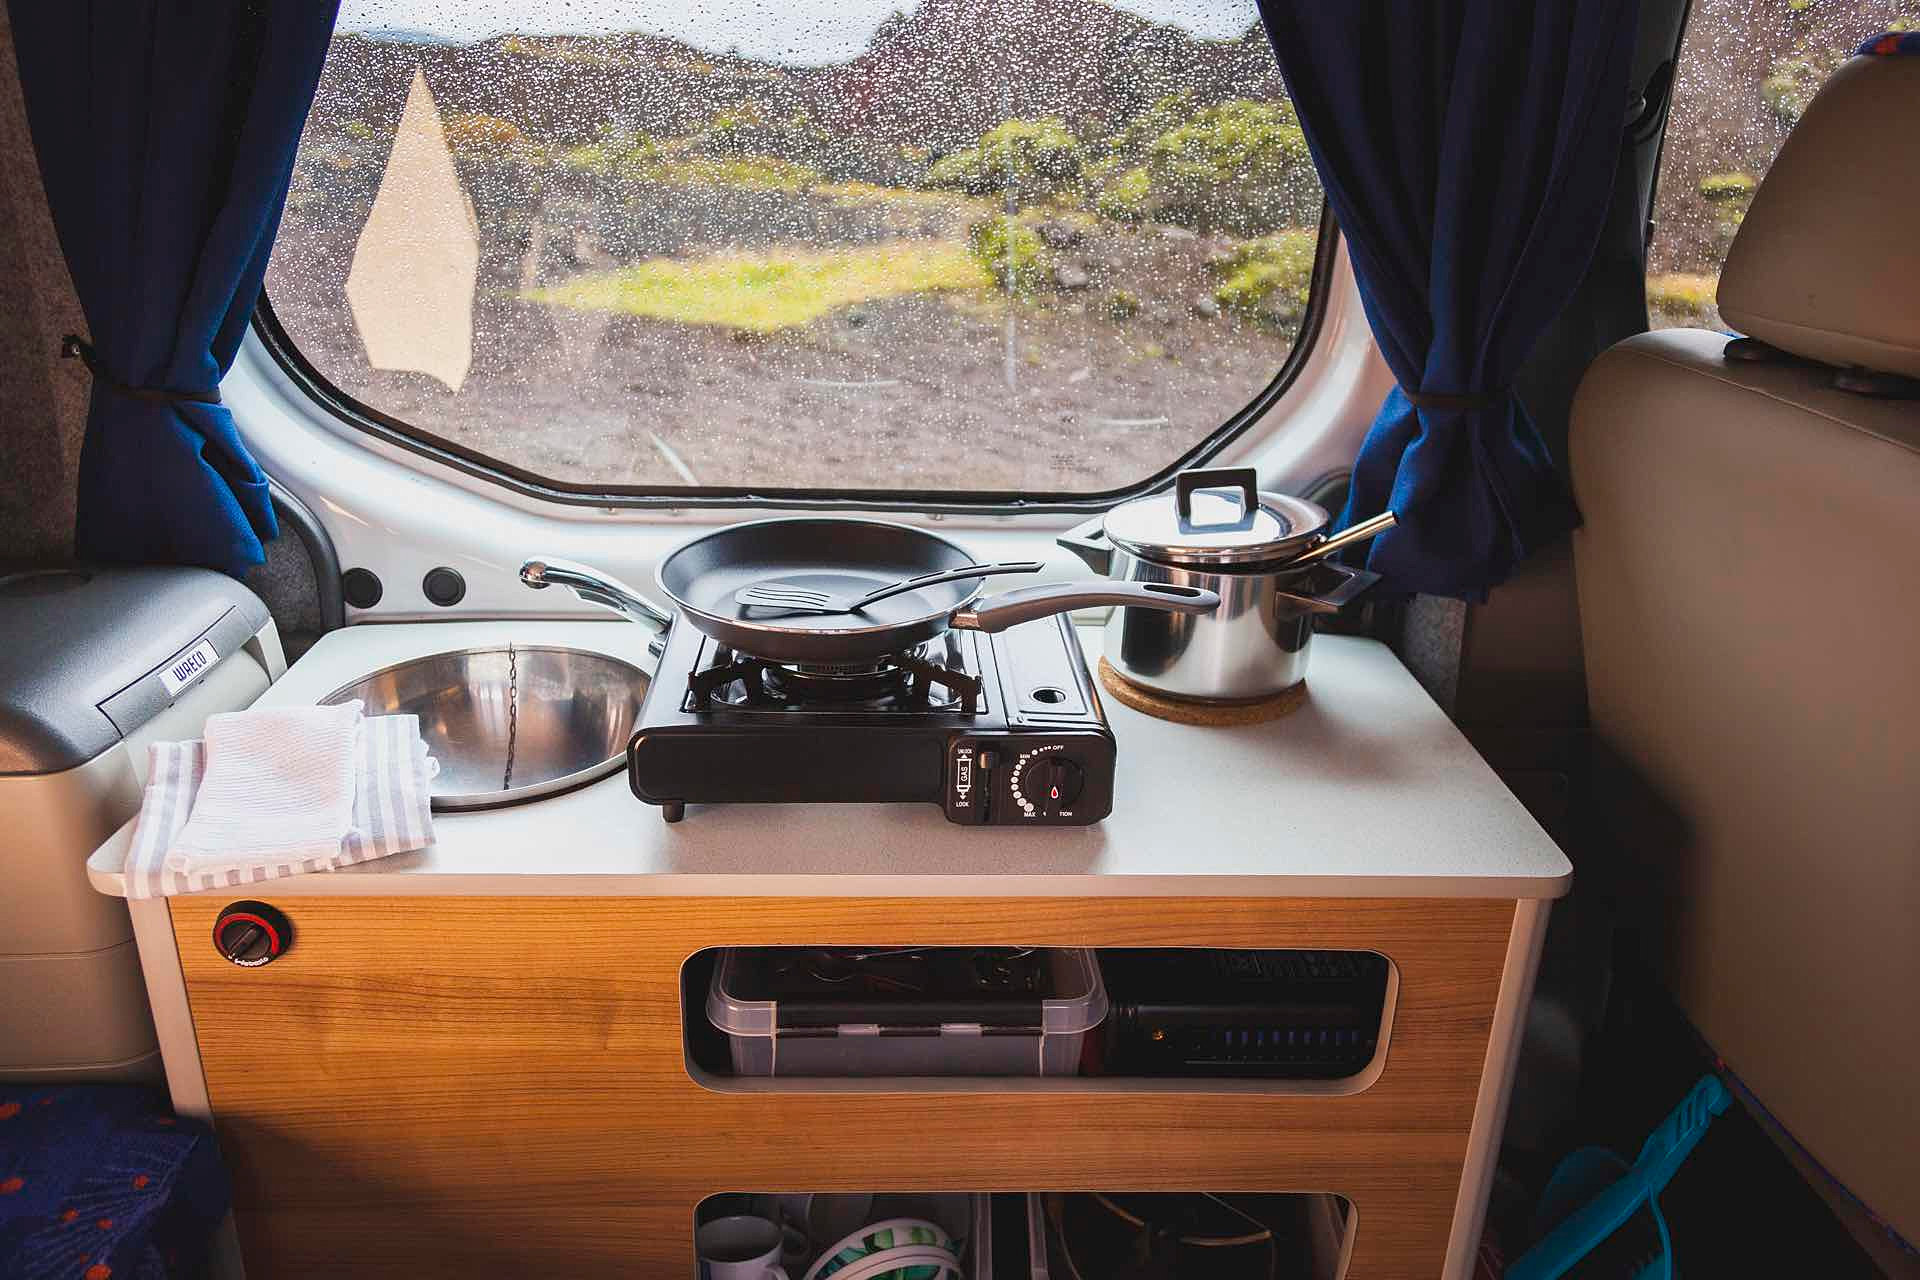 Camper Rental In Iceland⎟campervan Iceland⎟camper Iceland